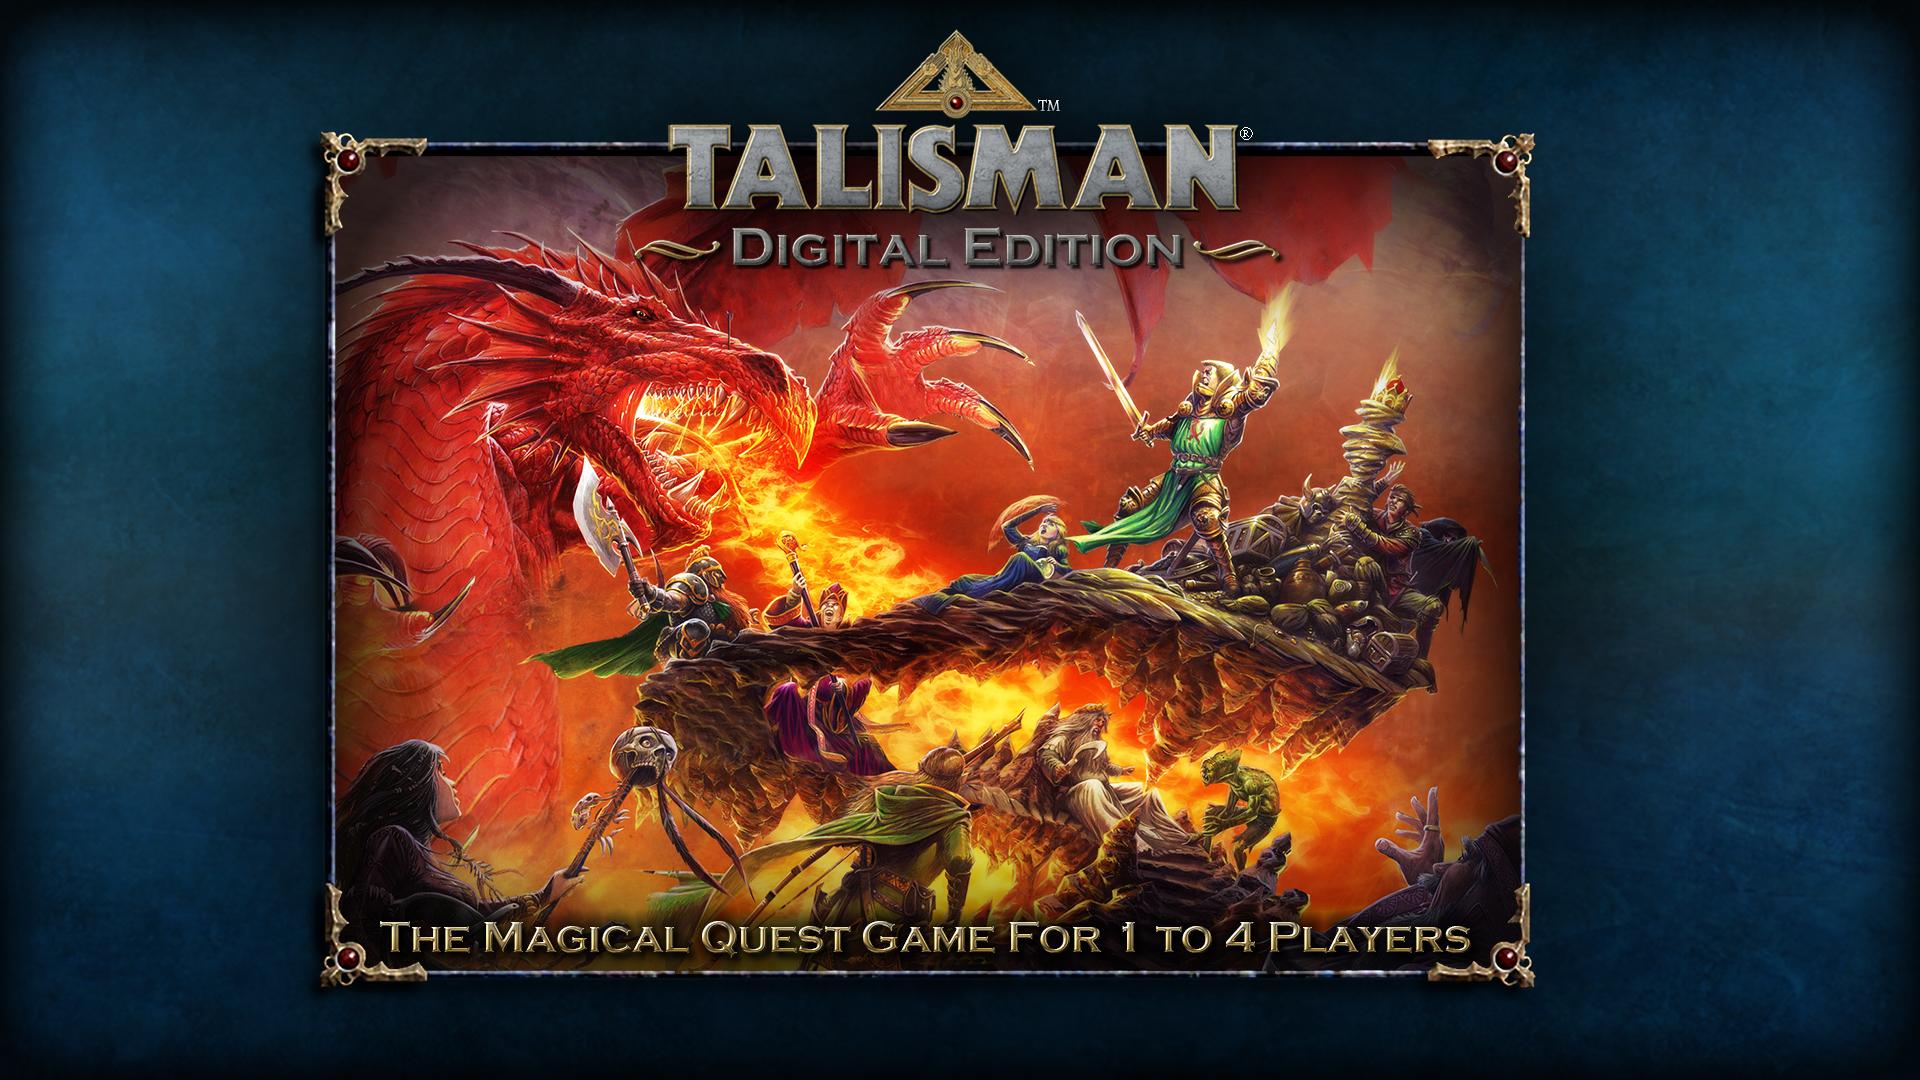 talisman digital edition steam download baixaki